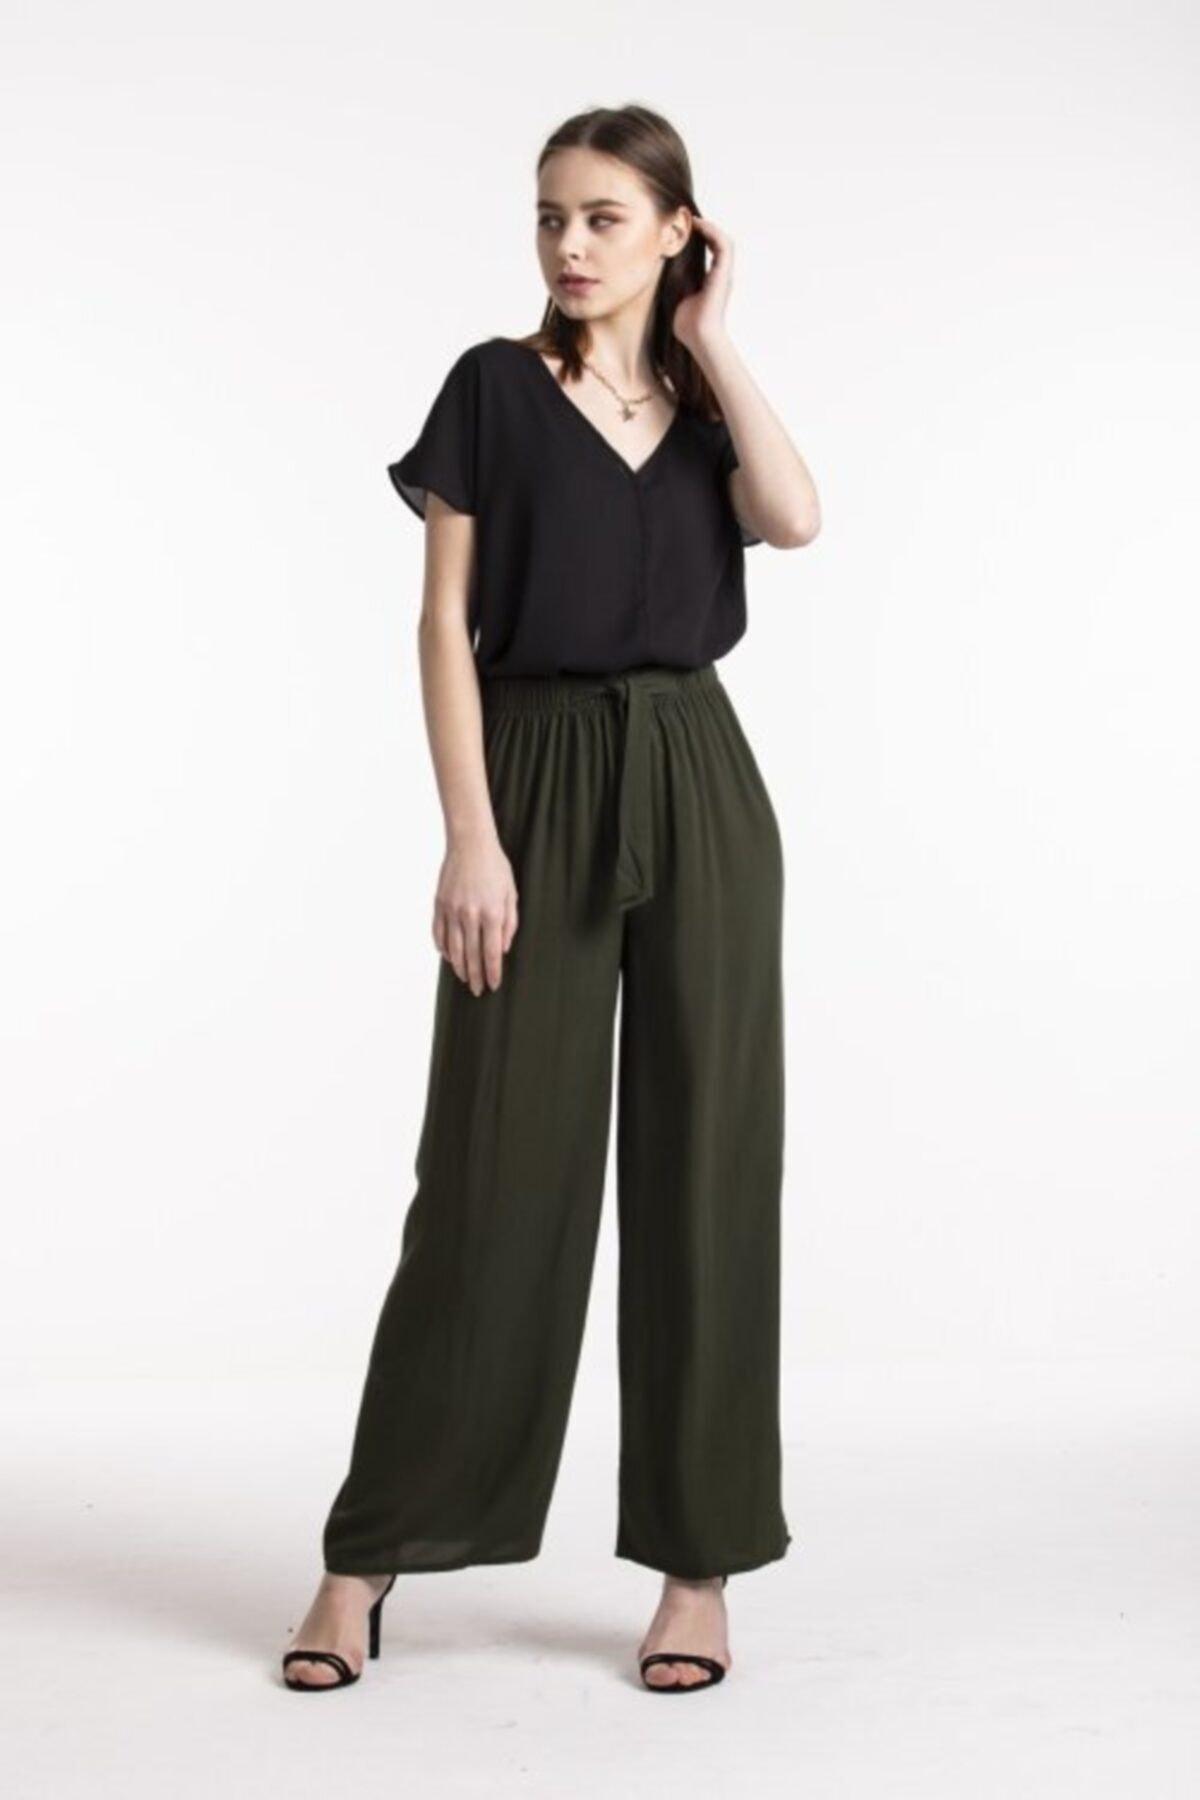 Vision Kadın Yüksek Bel Bol Pantolon 1